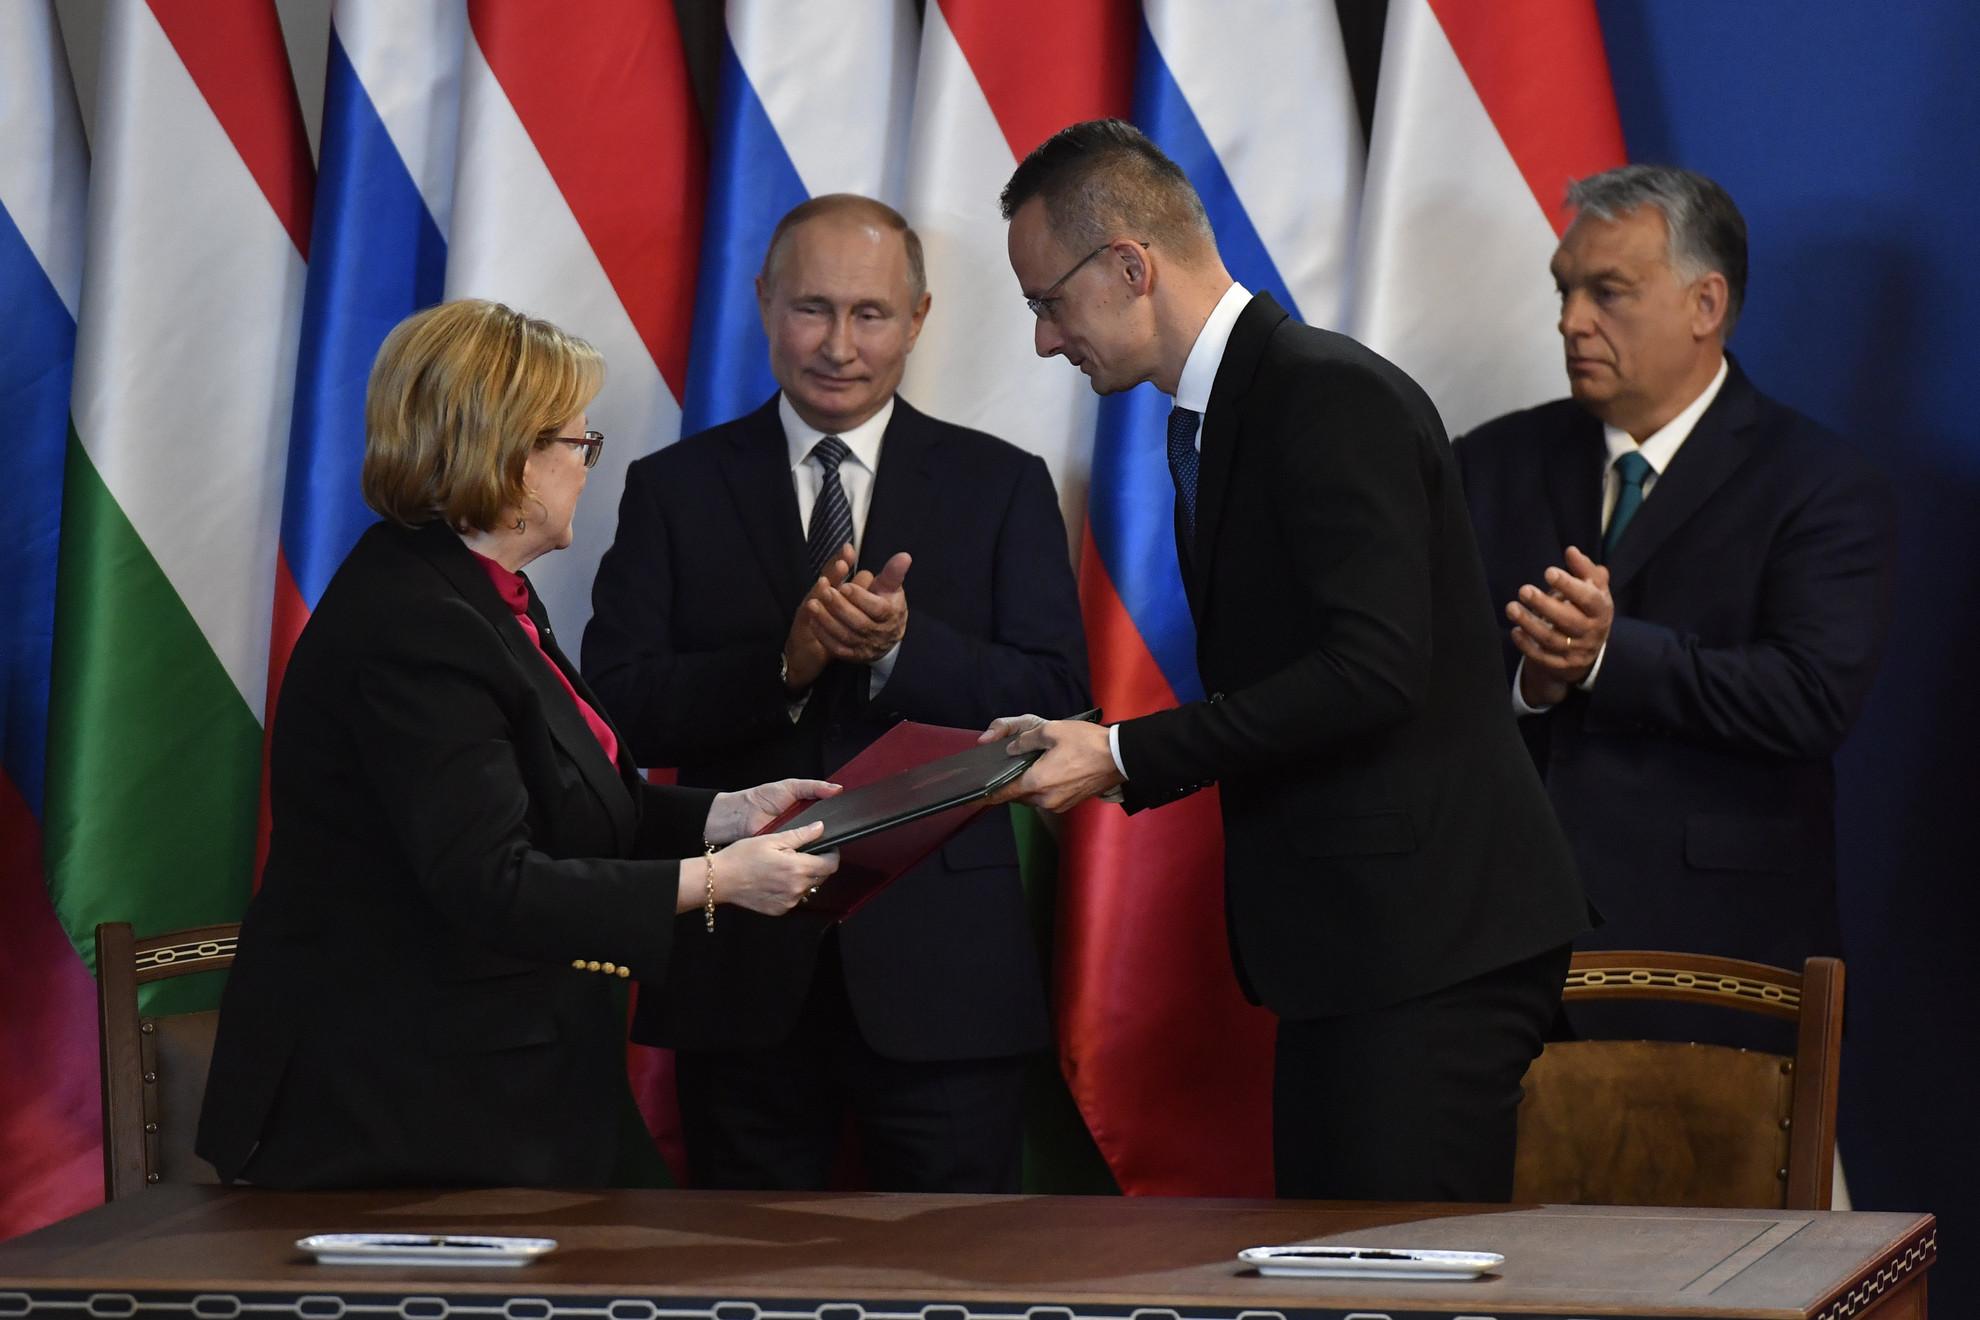 Szijjártó Péter külgazdasági és külügyminiszter (j2) és Veronika Szkvorcova orosz egészségügyi miniszter kicseréli a dokumentumokat, miután Vlagyimir Putyin orosz elnök (b2) és Orbán Viktor miniszterelnök (j) jelenlétében aláírták a magyar-orosz régióközi együttműködésről szóló komplex program intézkedési tervét